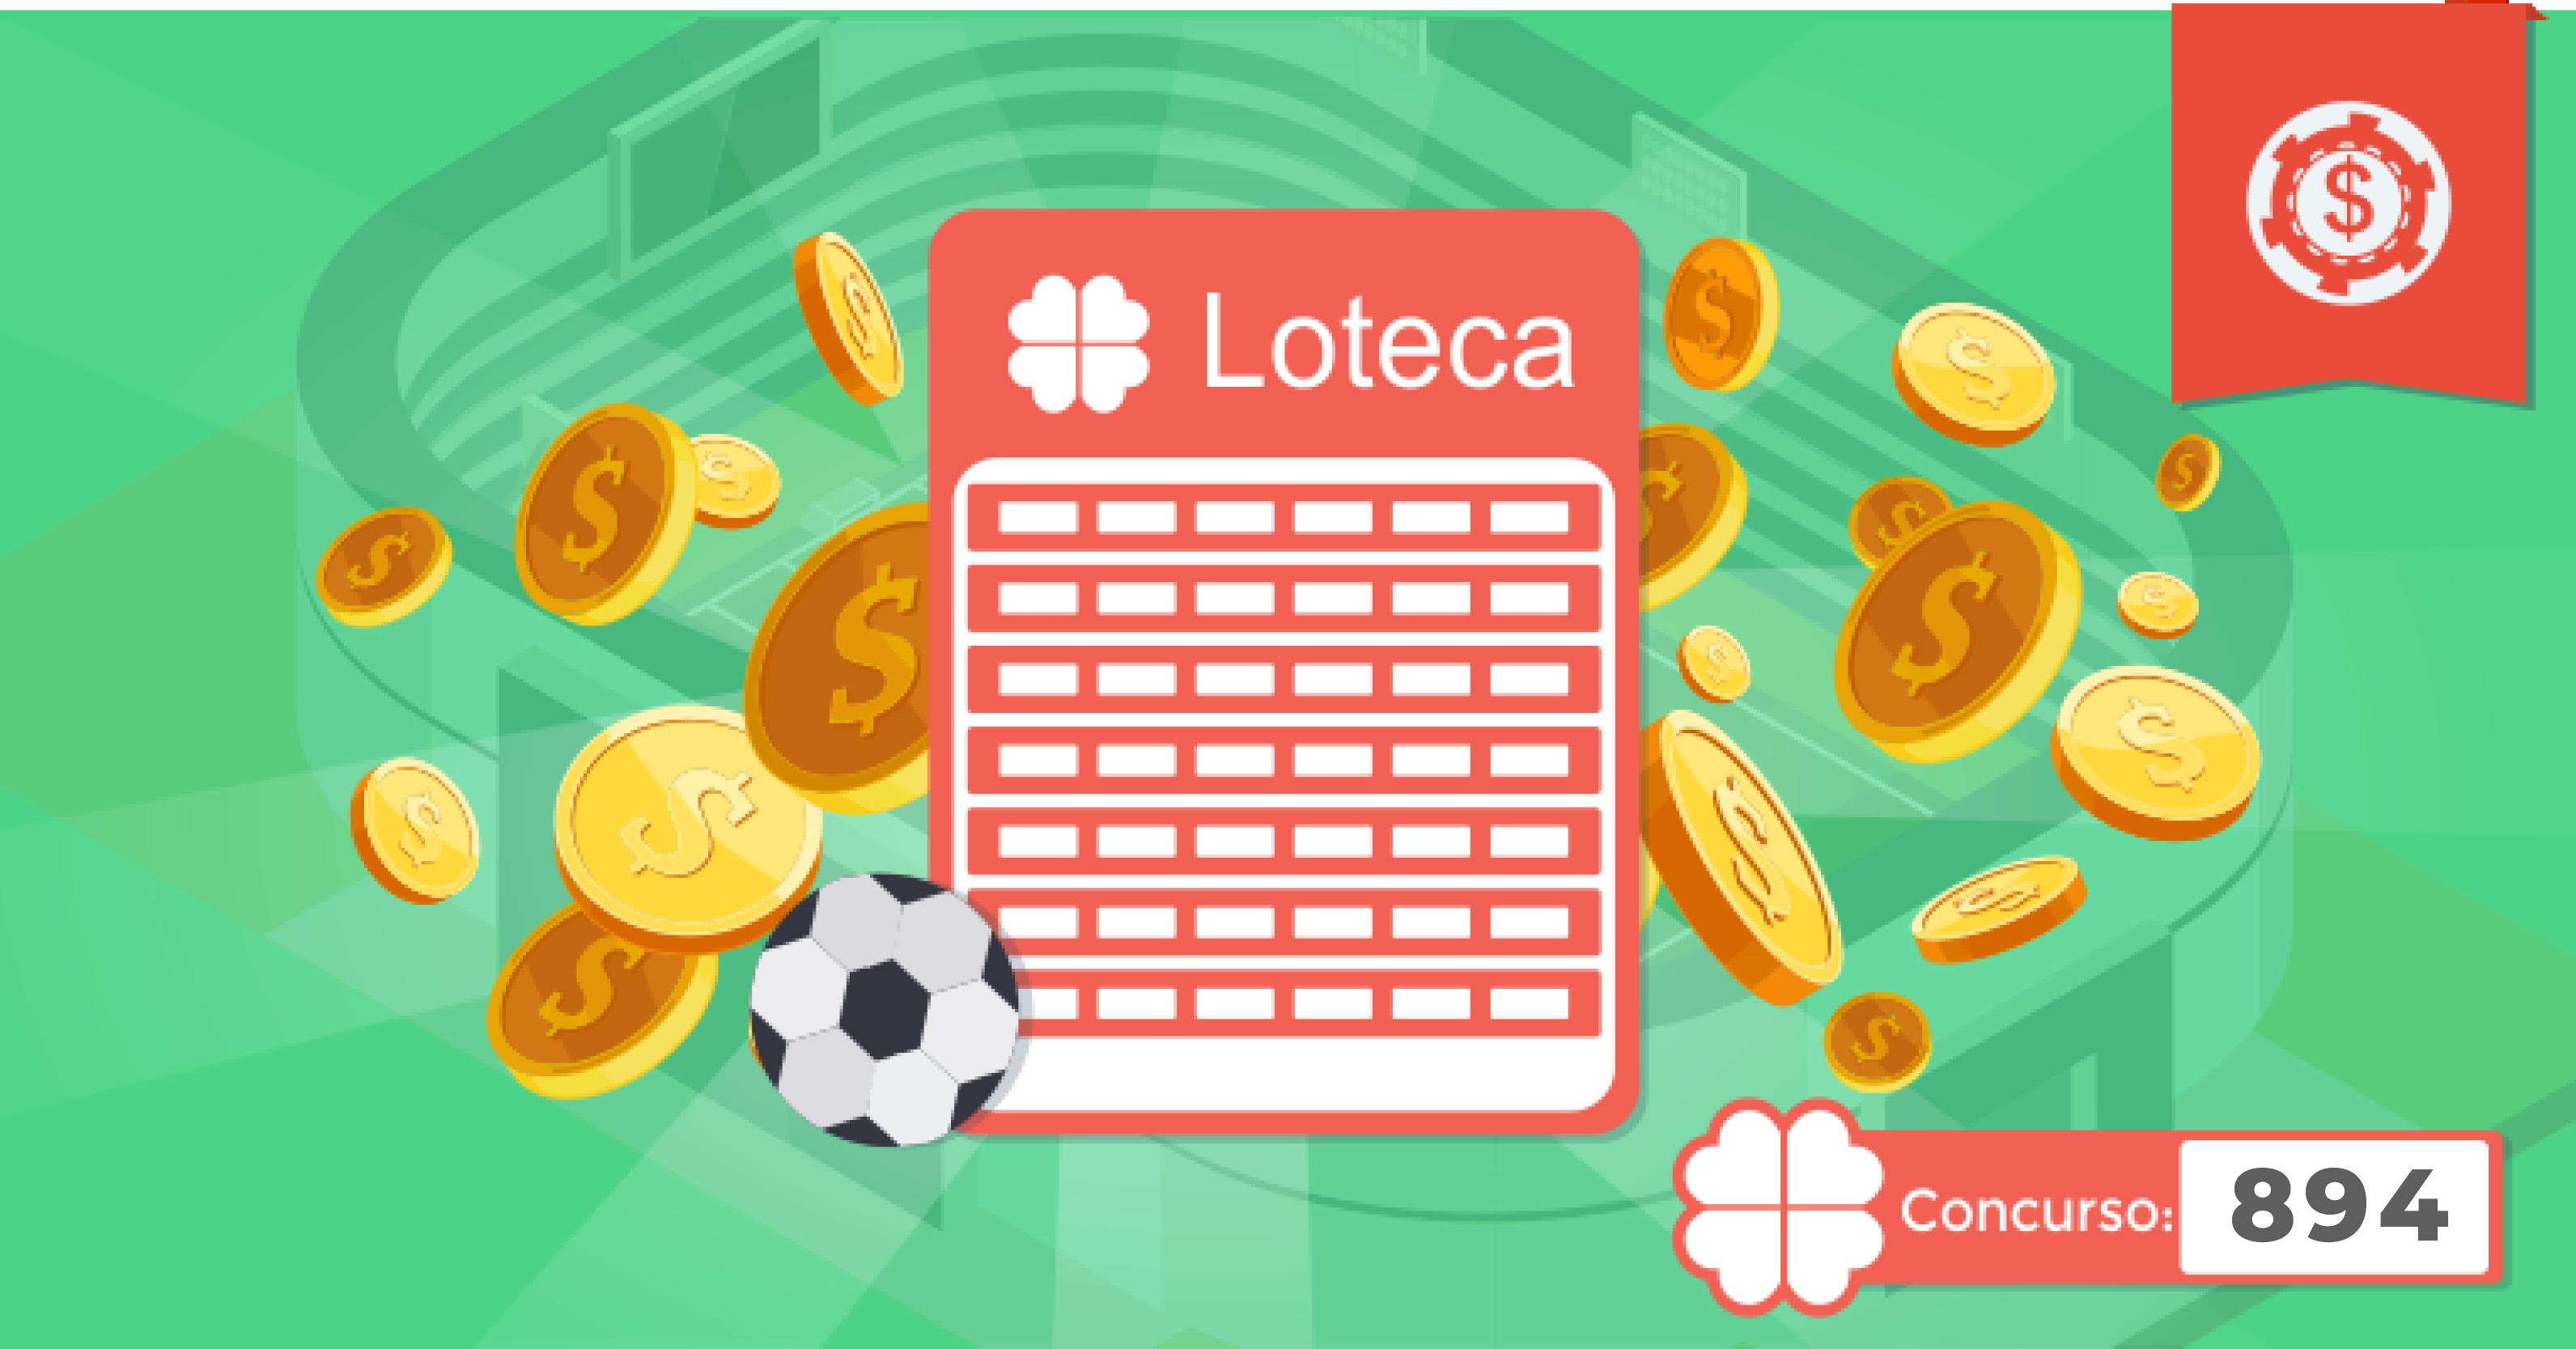 palpites-loteca-894-palpites-loteca-semana